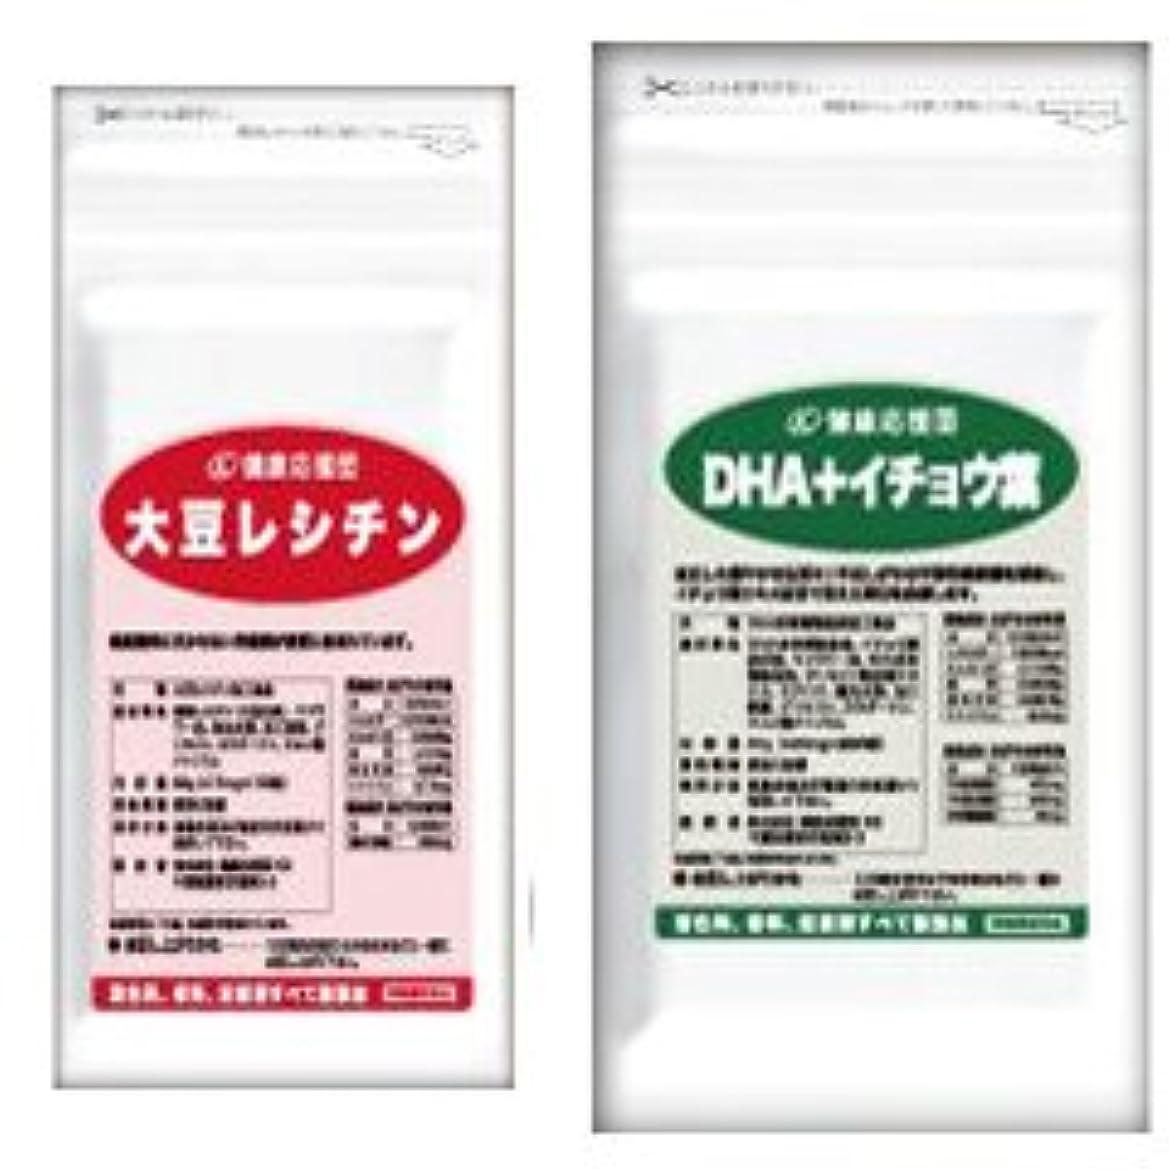 むしゃむしゃむしゃむしゃ融合流れサラサラセット 大豆レシチン+(DHA?EPA+イチョウ葉) お徳用12か月分